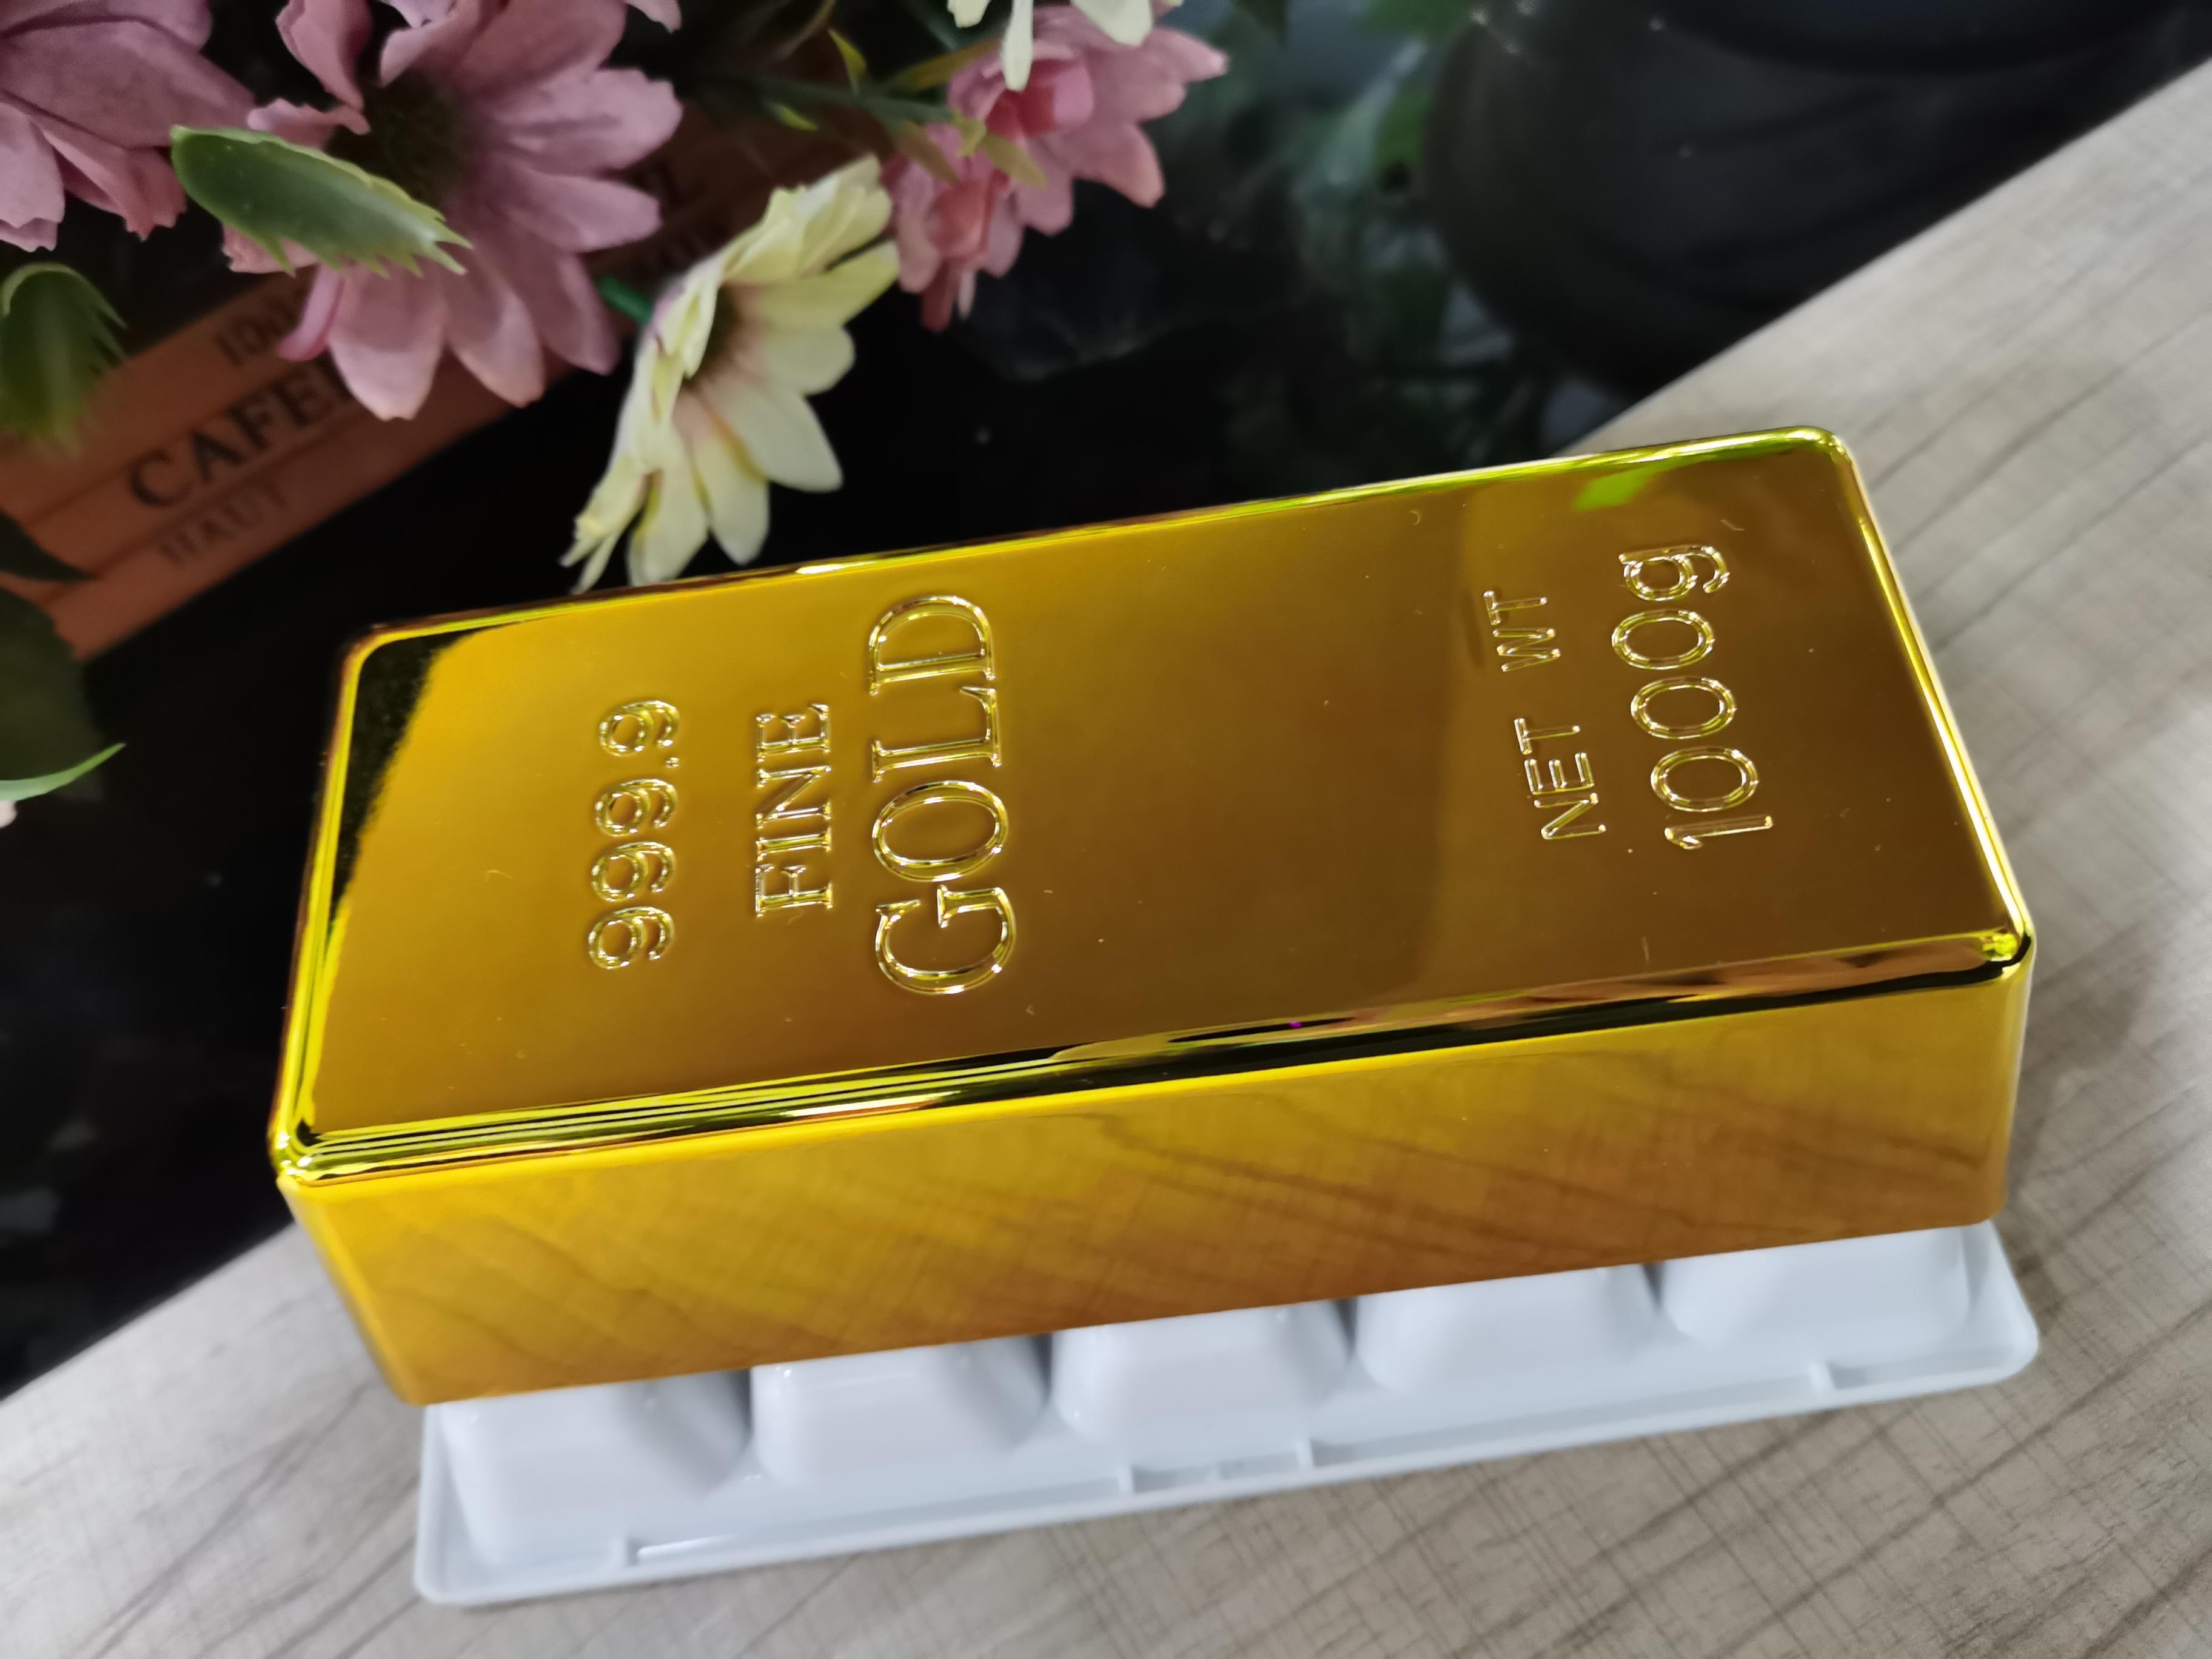 黃金價格過山車式波動 下一步還有機會上破嗎?